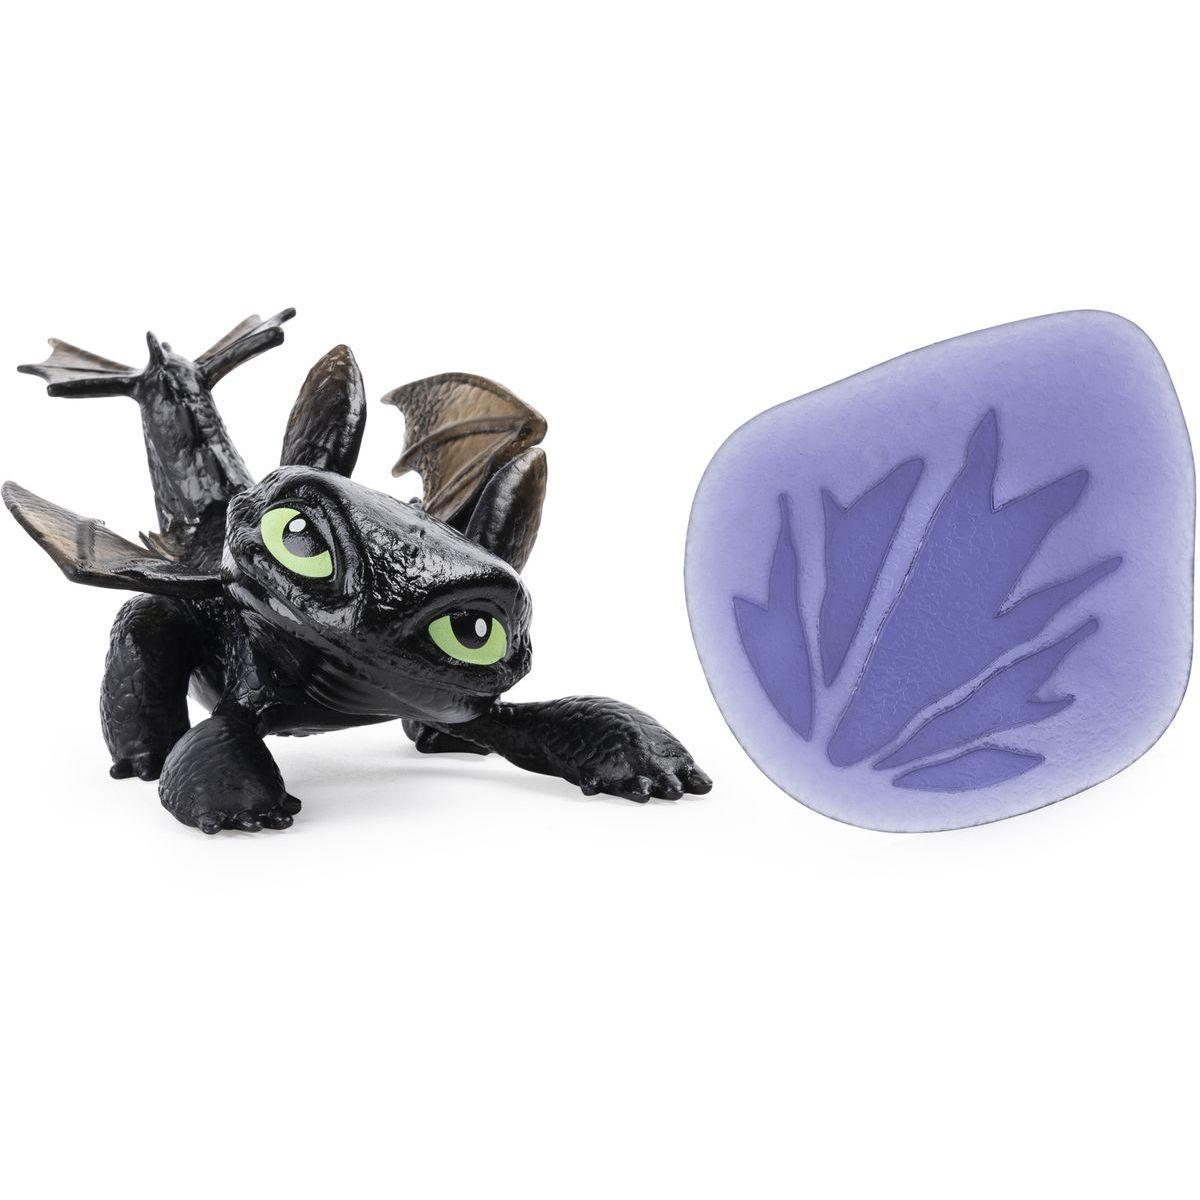 Jak vycvičit draka Draci malé figurky hrdinů Toothless